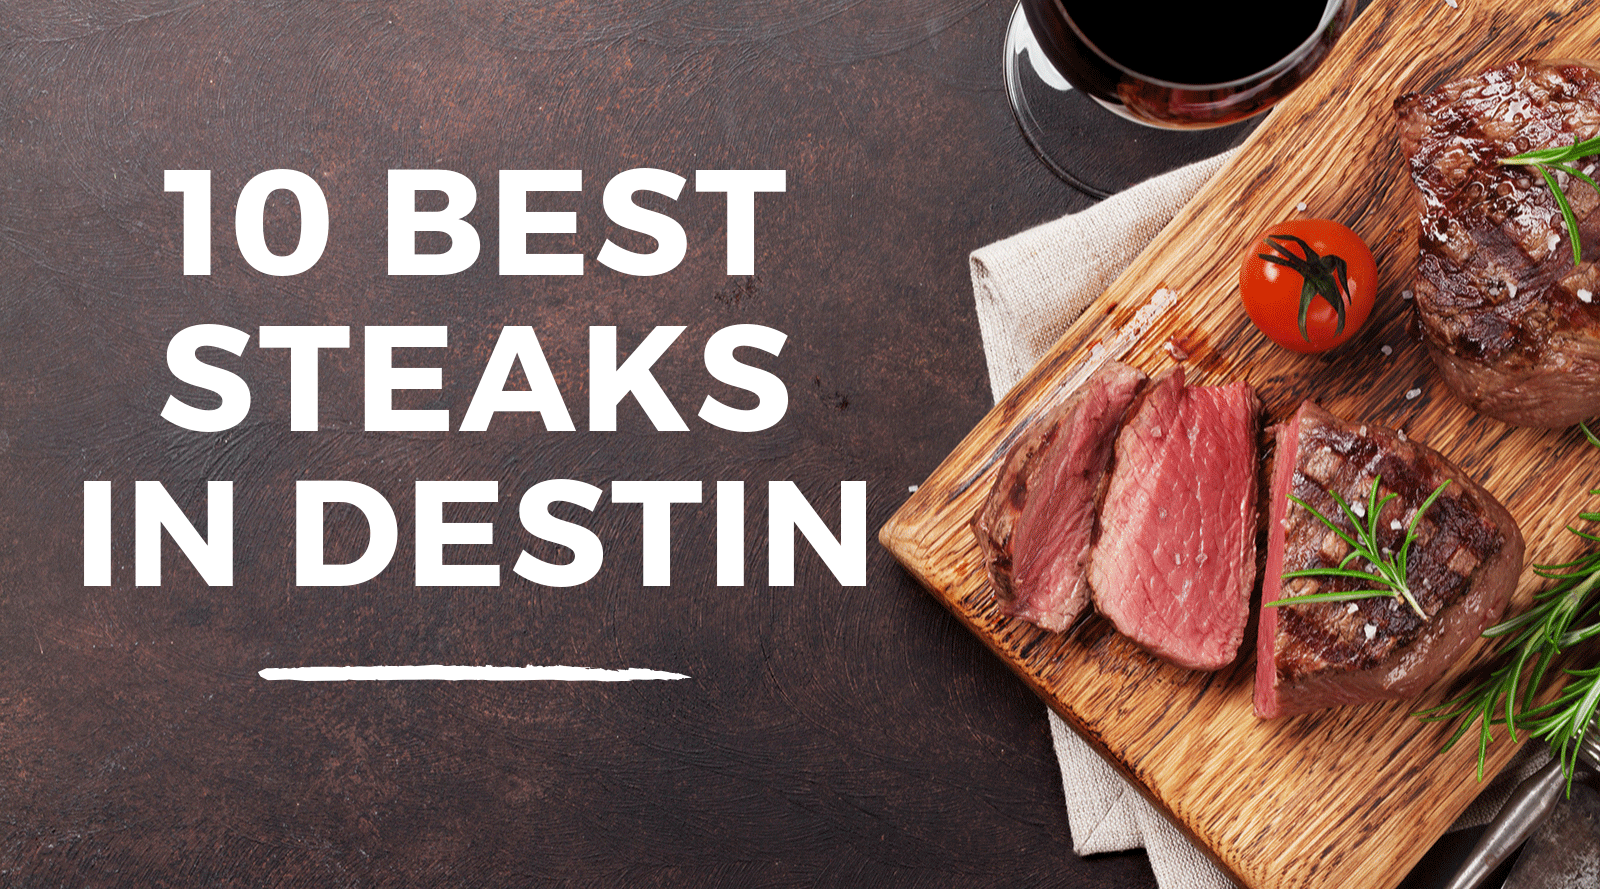 10 Best Steaks in Destin